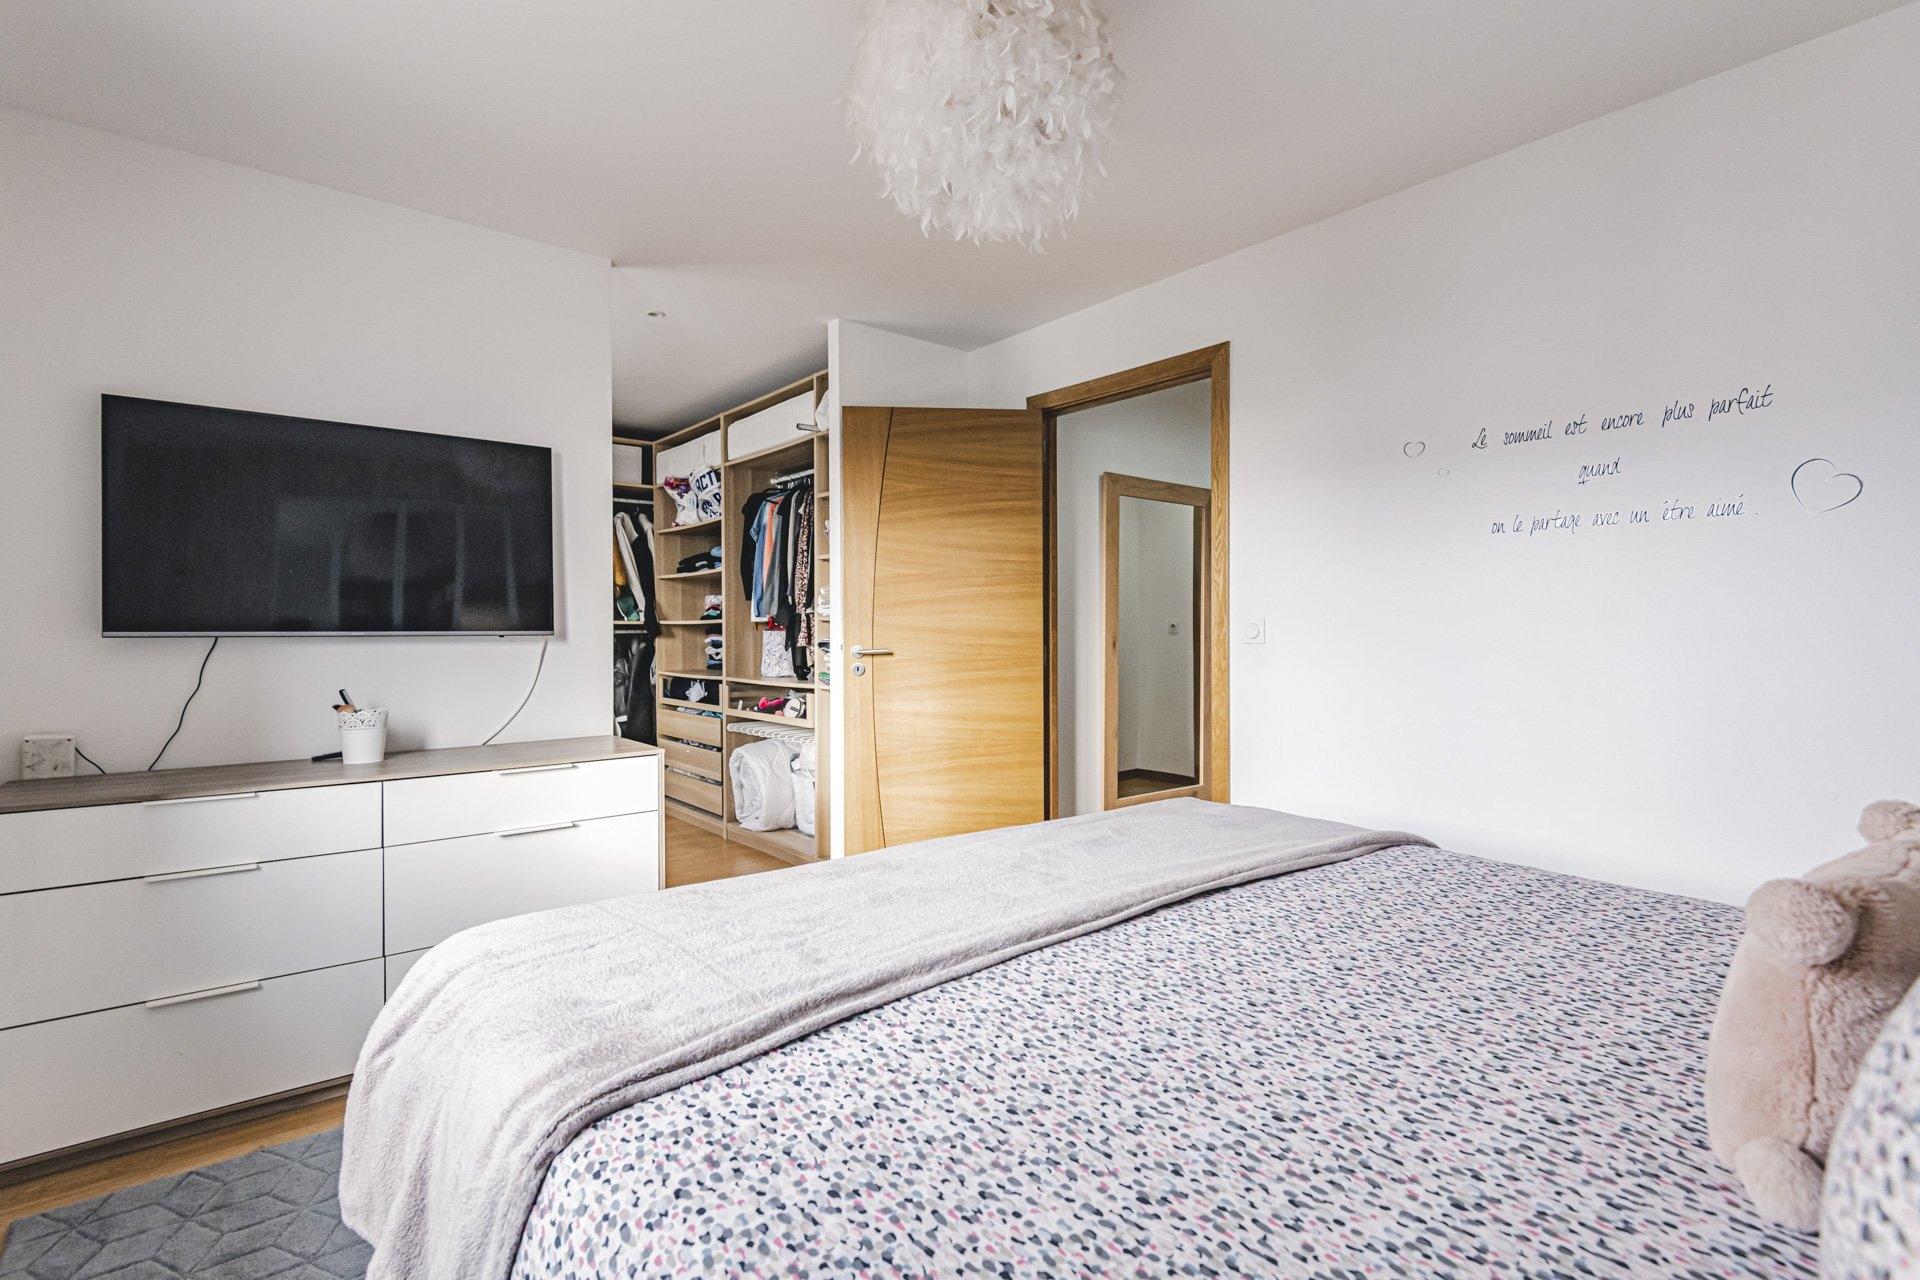 Maison Champigny 6 Pièces 160 m2 - 12